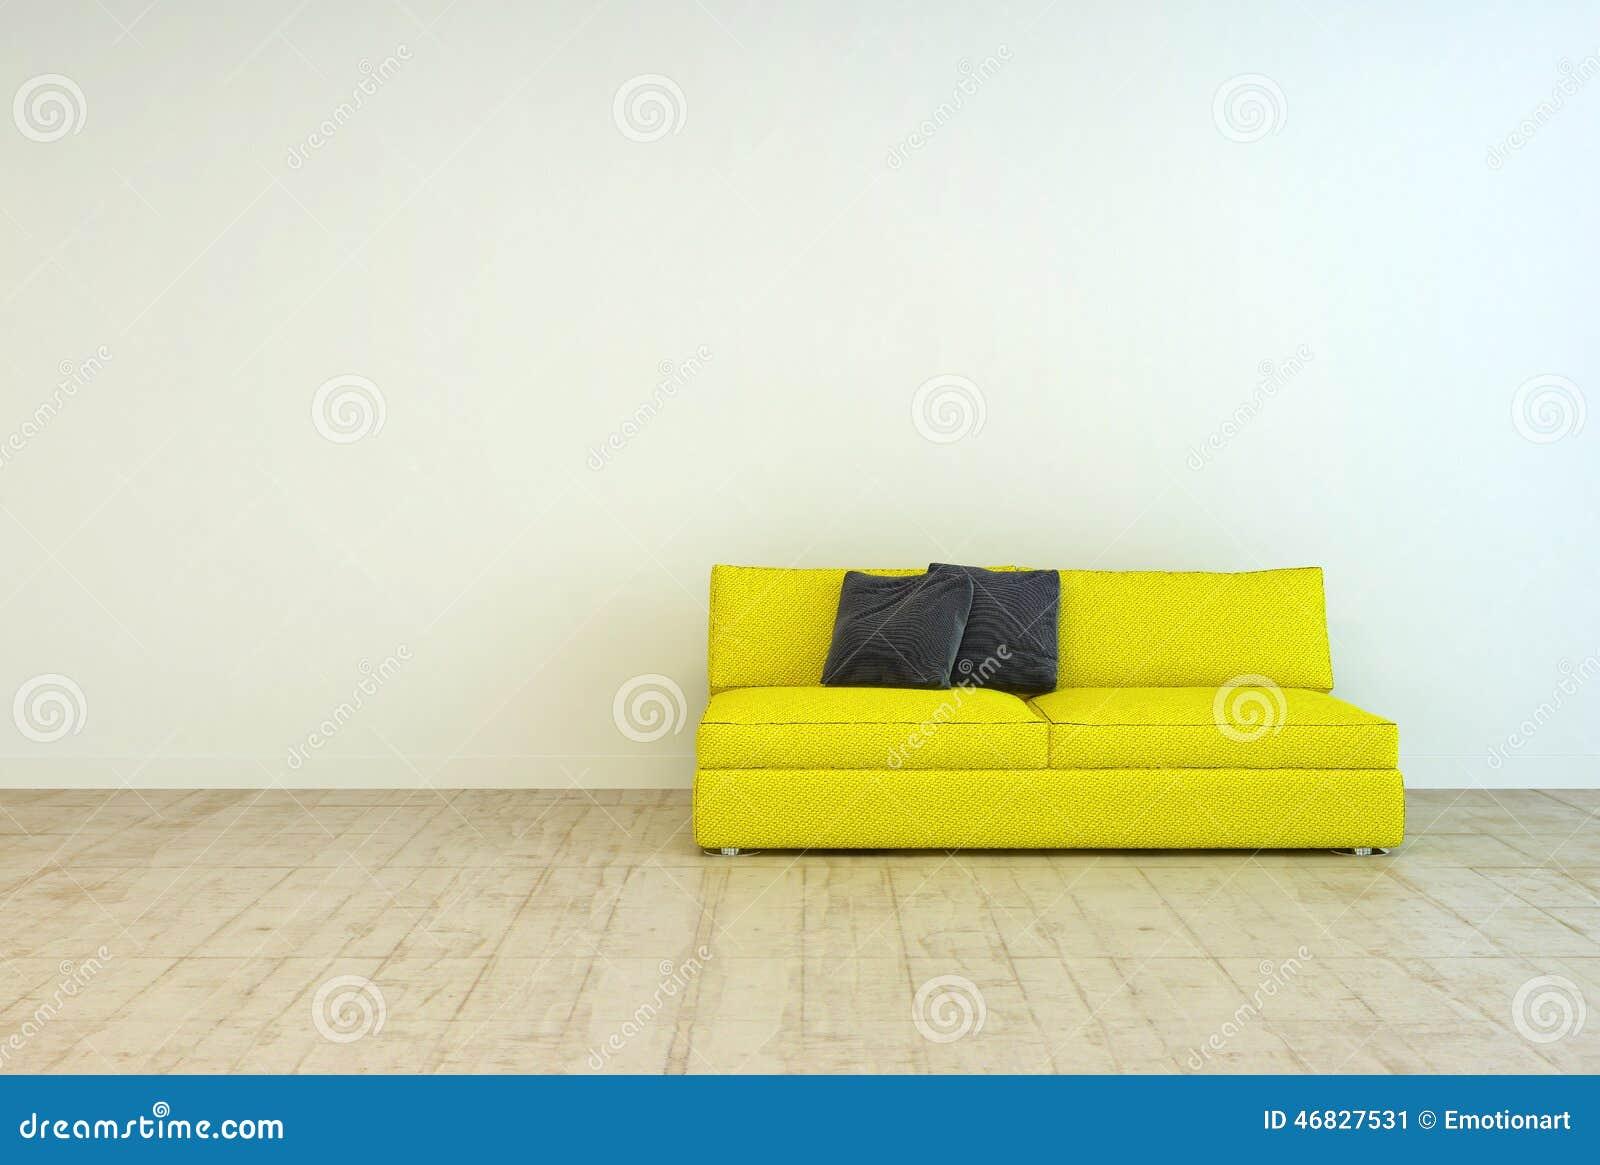 gelbe couch m bel auf einem leeren wohnzimmer stock. Black Bedroom Furniture Sets. Home Design Ideas